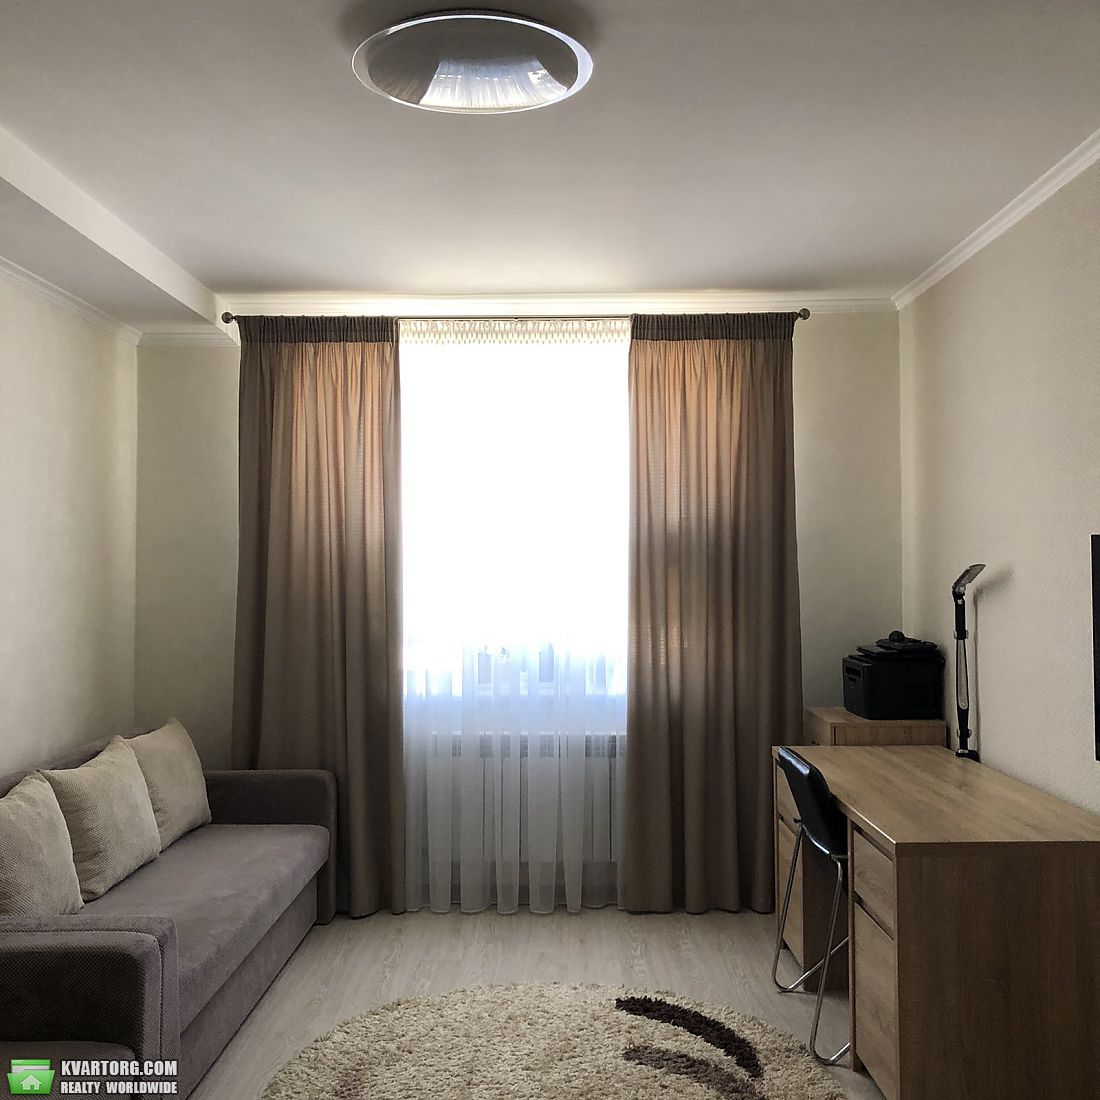 продам 2-комнатную квартиру Ирпень, ул. Лесная 46 - Фото 4